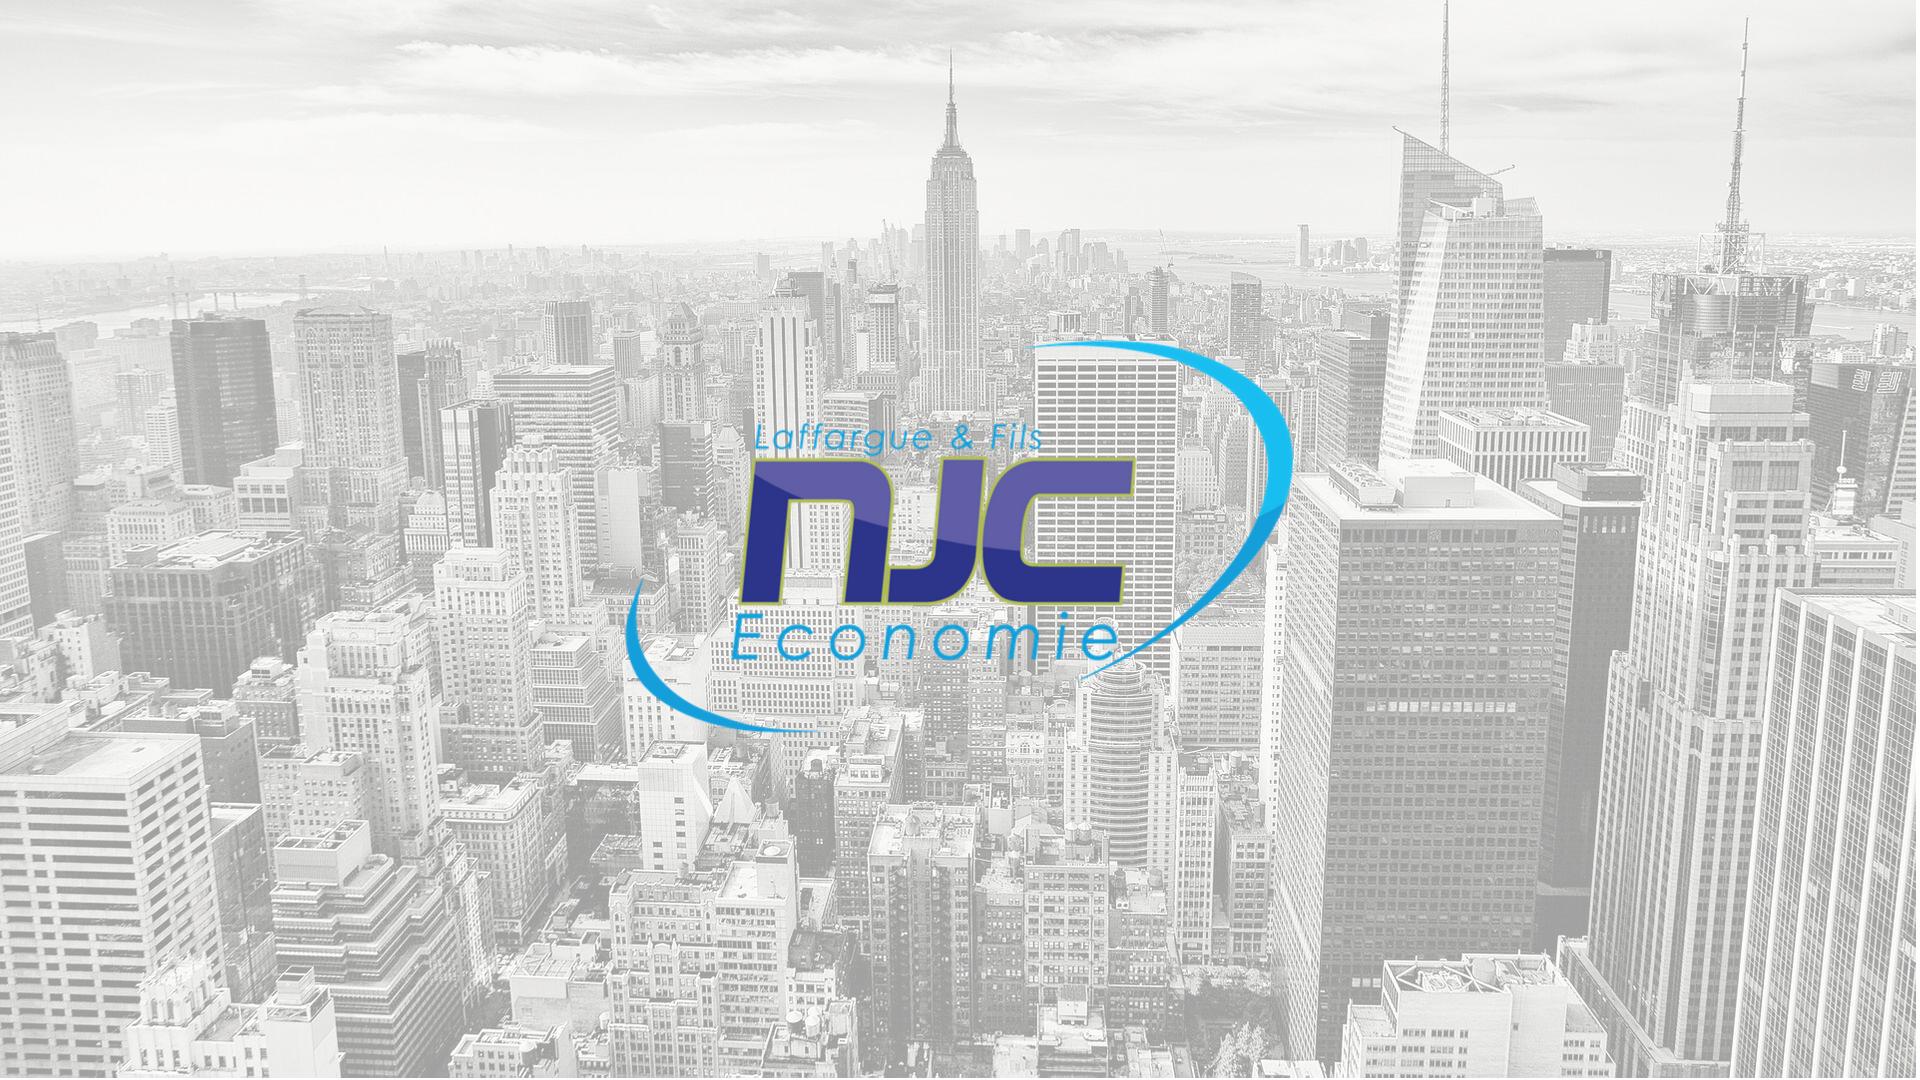 NJC Economie LAFFARGUE&FILS